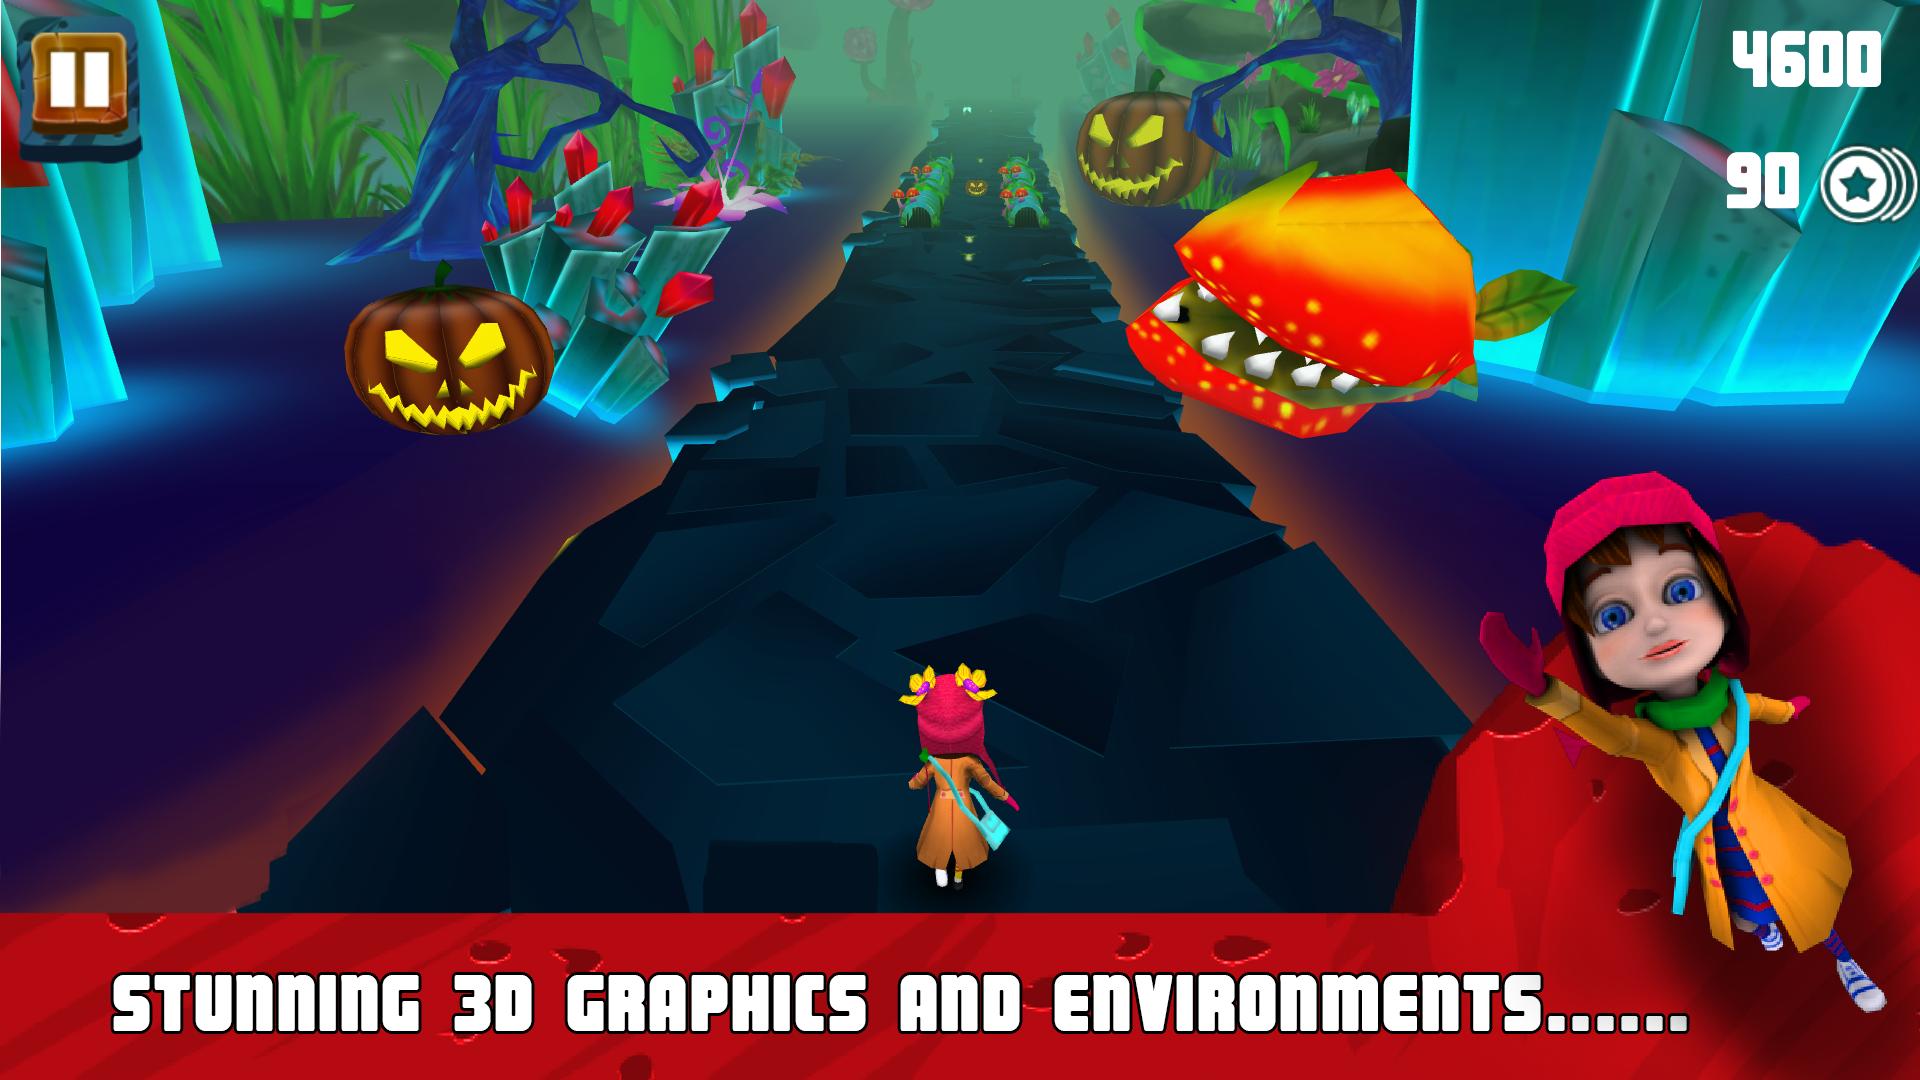 Dream Run - Endless Runner screenshot 9